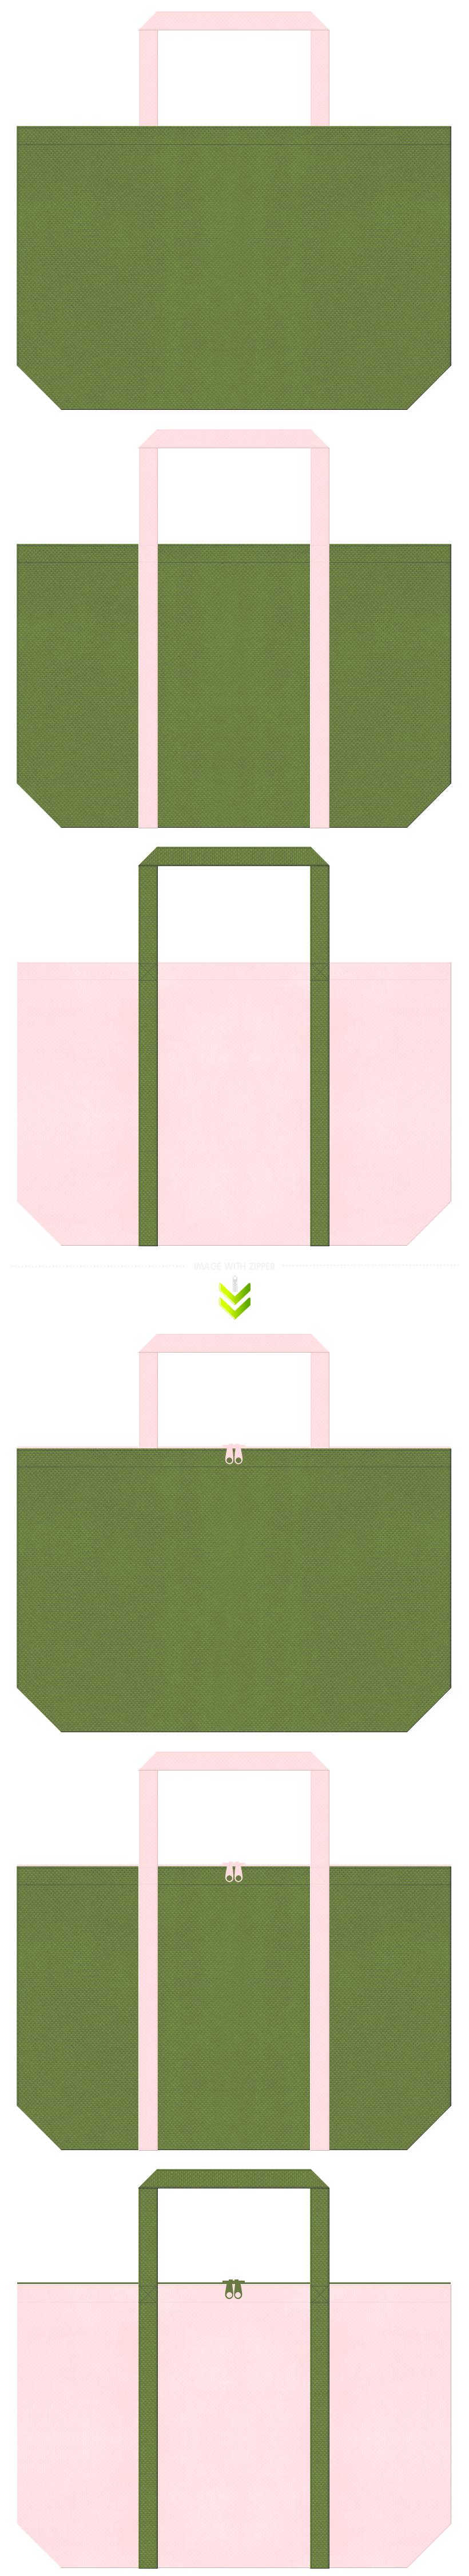 絵本・昔話・ももたろう・桜餅・三色団子・抹茶・和菓子・和風催事・和風エコバッグにお奨めの不織布バッグデザイン:草色と桜色のコーデ